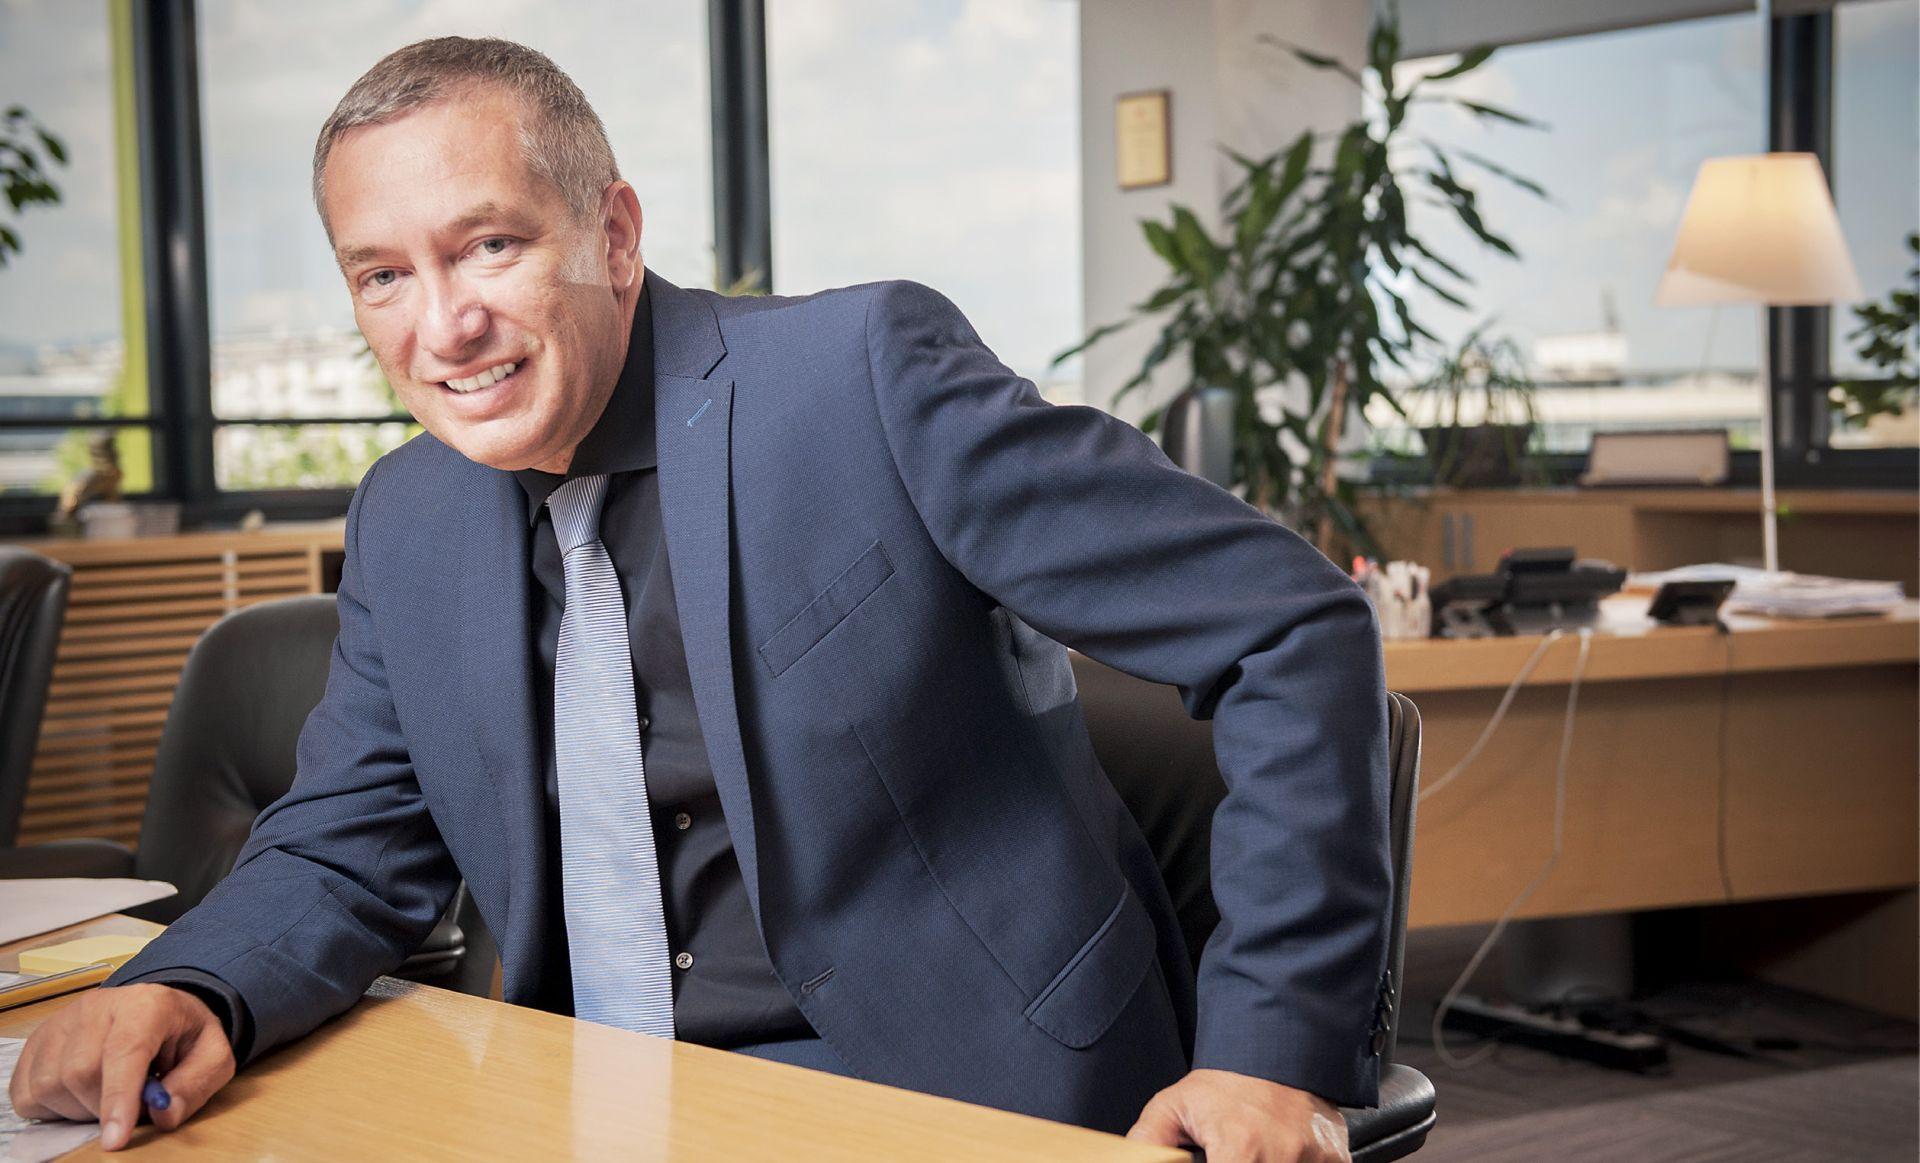 INTERVIEW: DRAGAN KOVAČEVIĆ 'Janaf dokazuje da se hrvatskoj ekonomiji mogu otvarati nova tržišta i da u biznisu treba znati iskoristiti čak i faktor sreće'